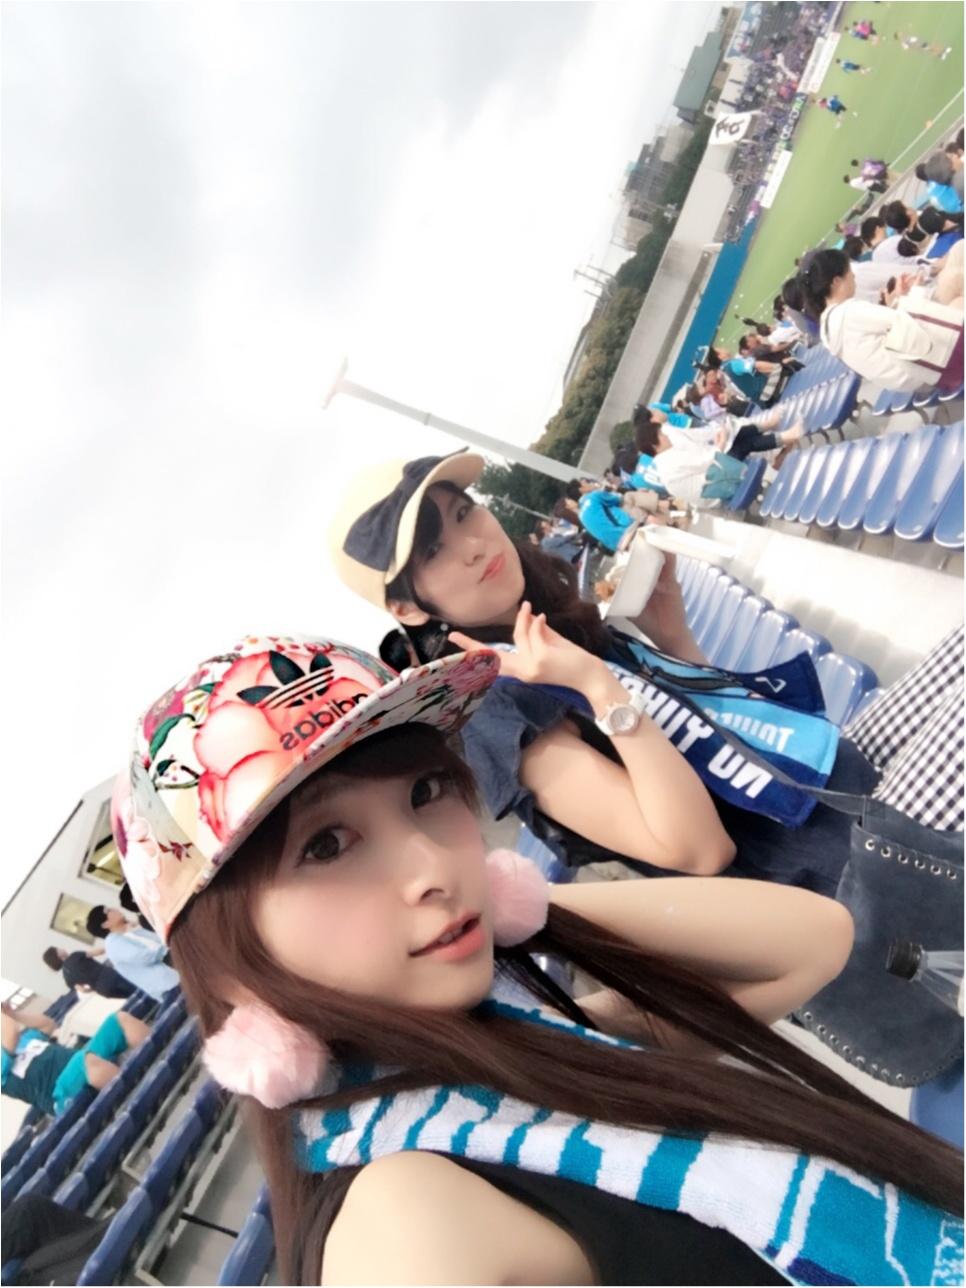 ♡【サッカー観戦】横浜FCvs水戸ホーリーホック♡モアハピ◡̈のぞみ♡_11